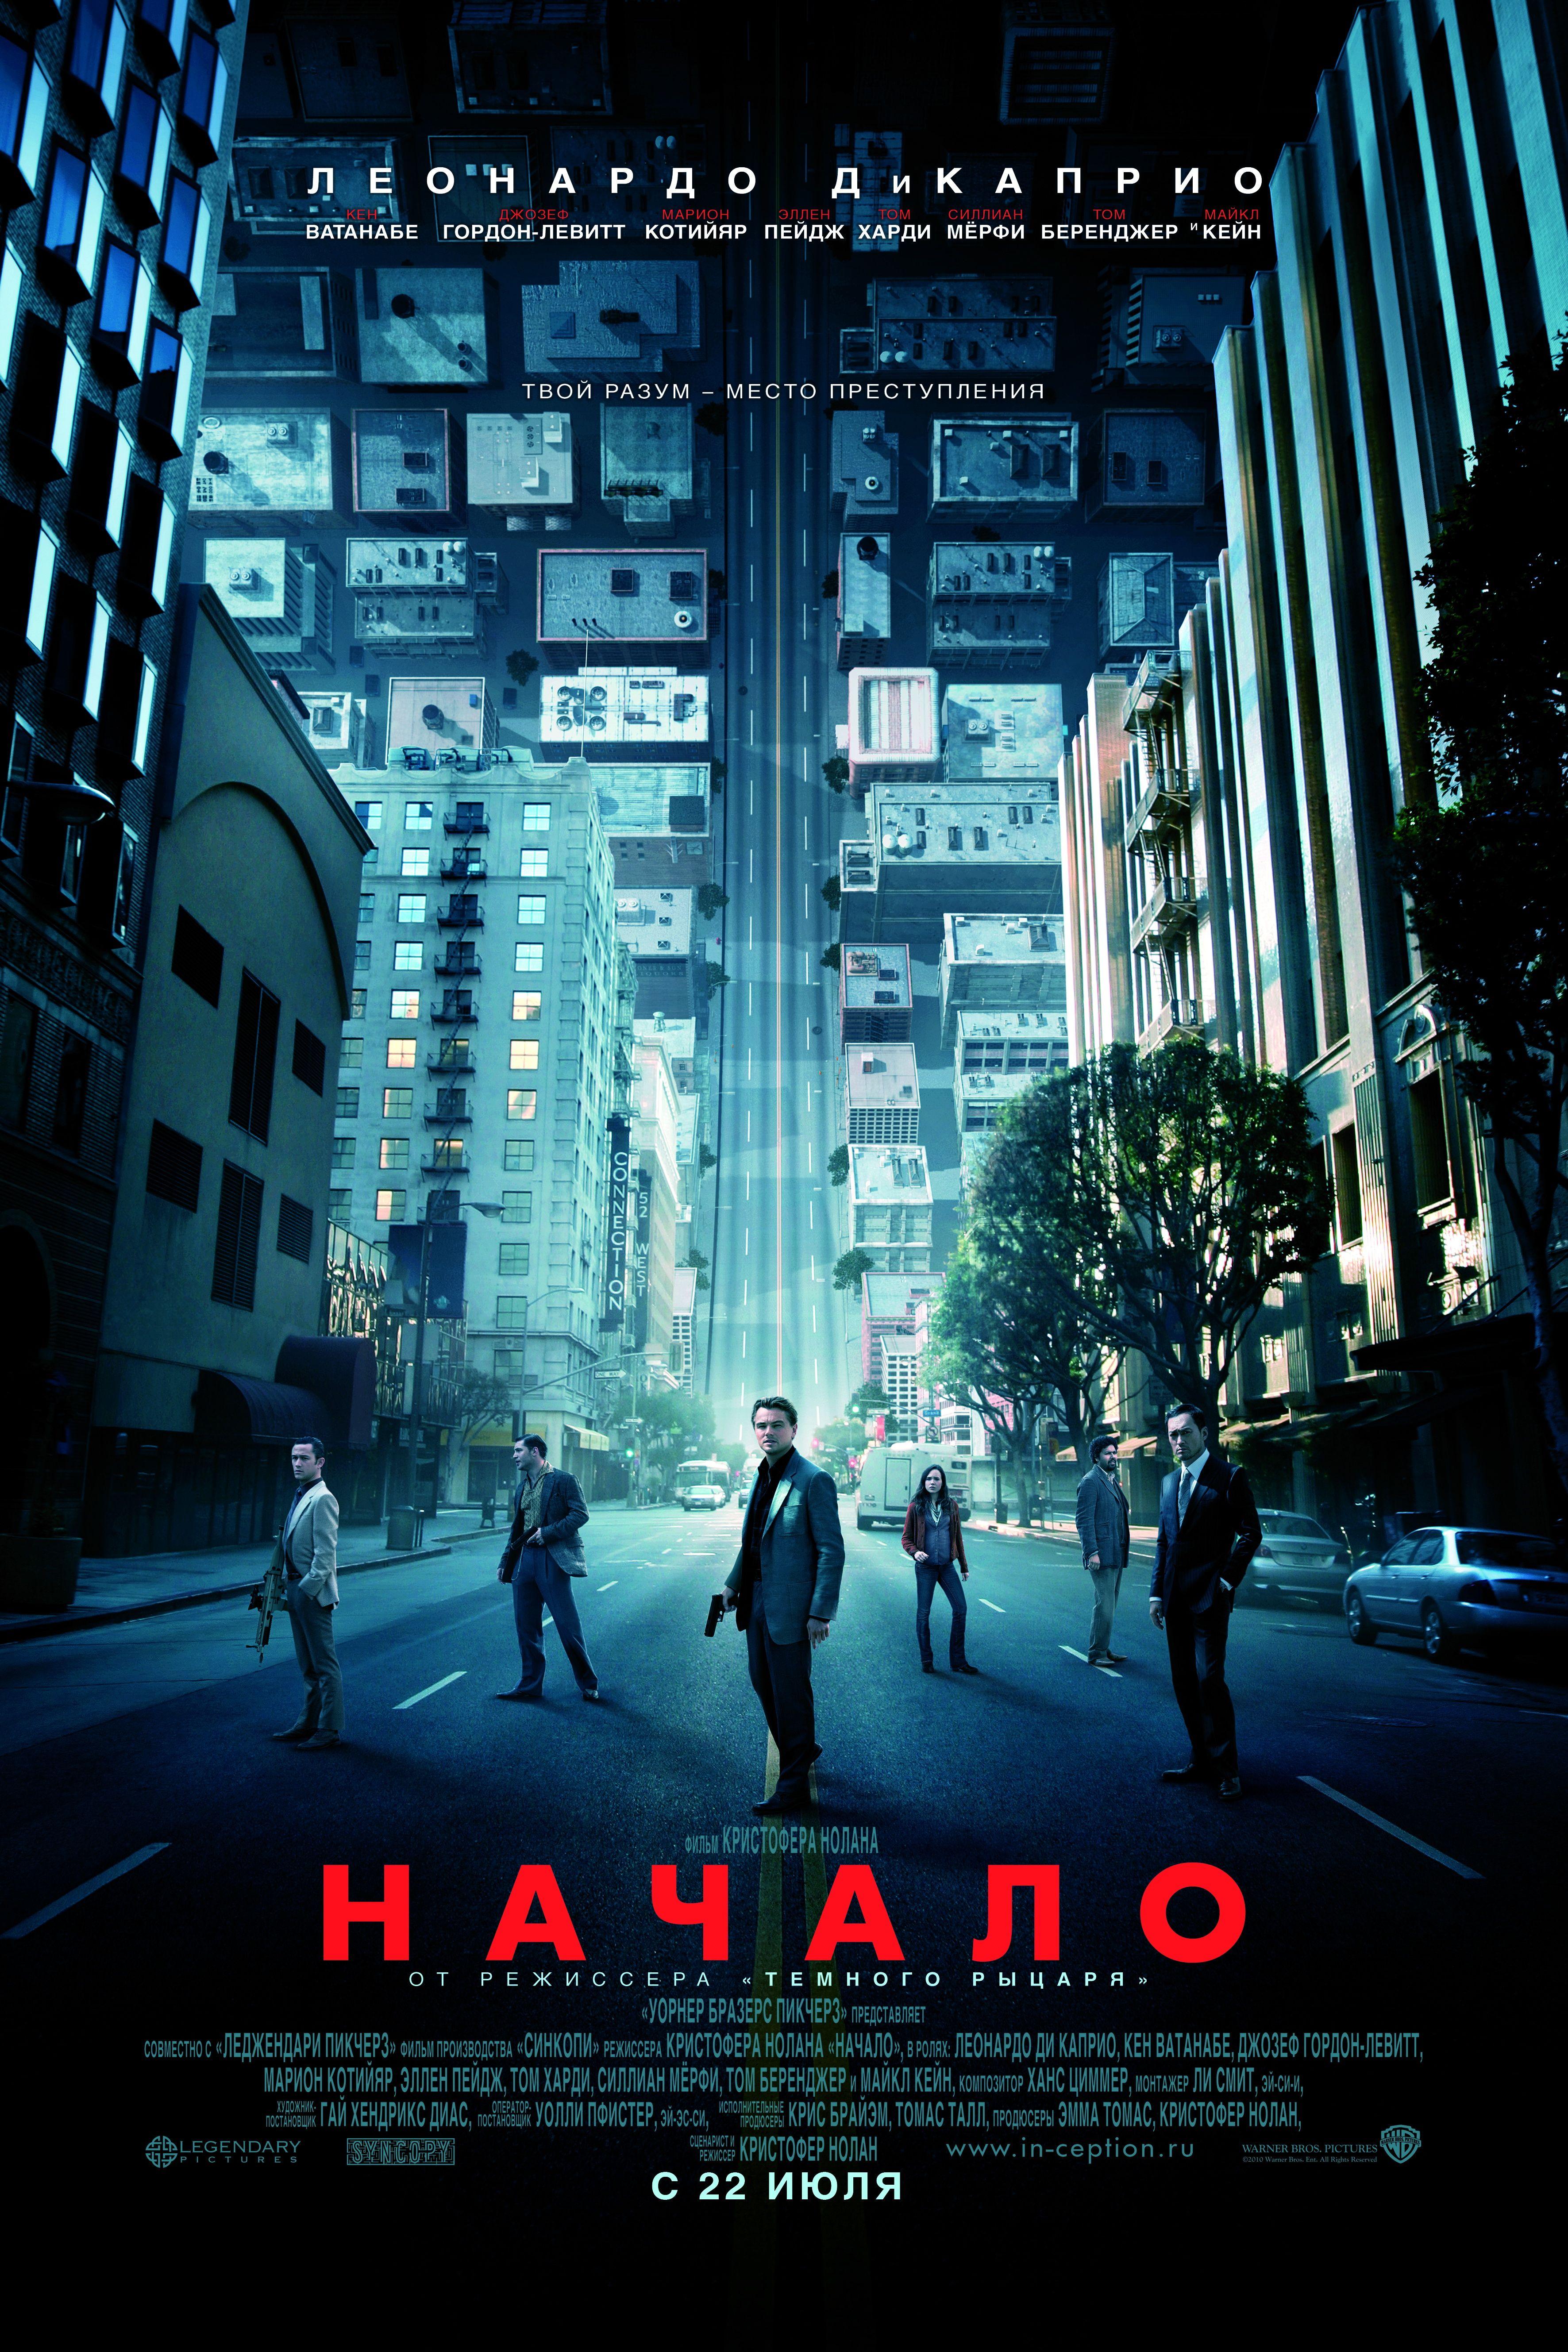 Design movie poster online free